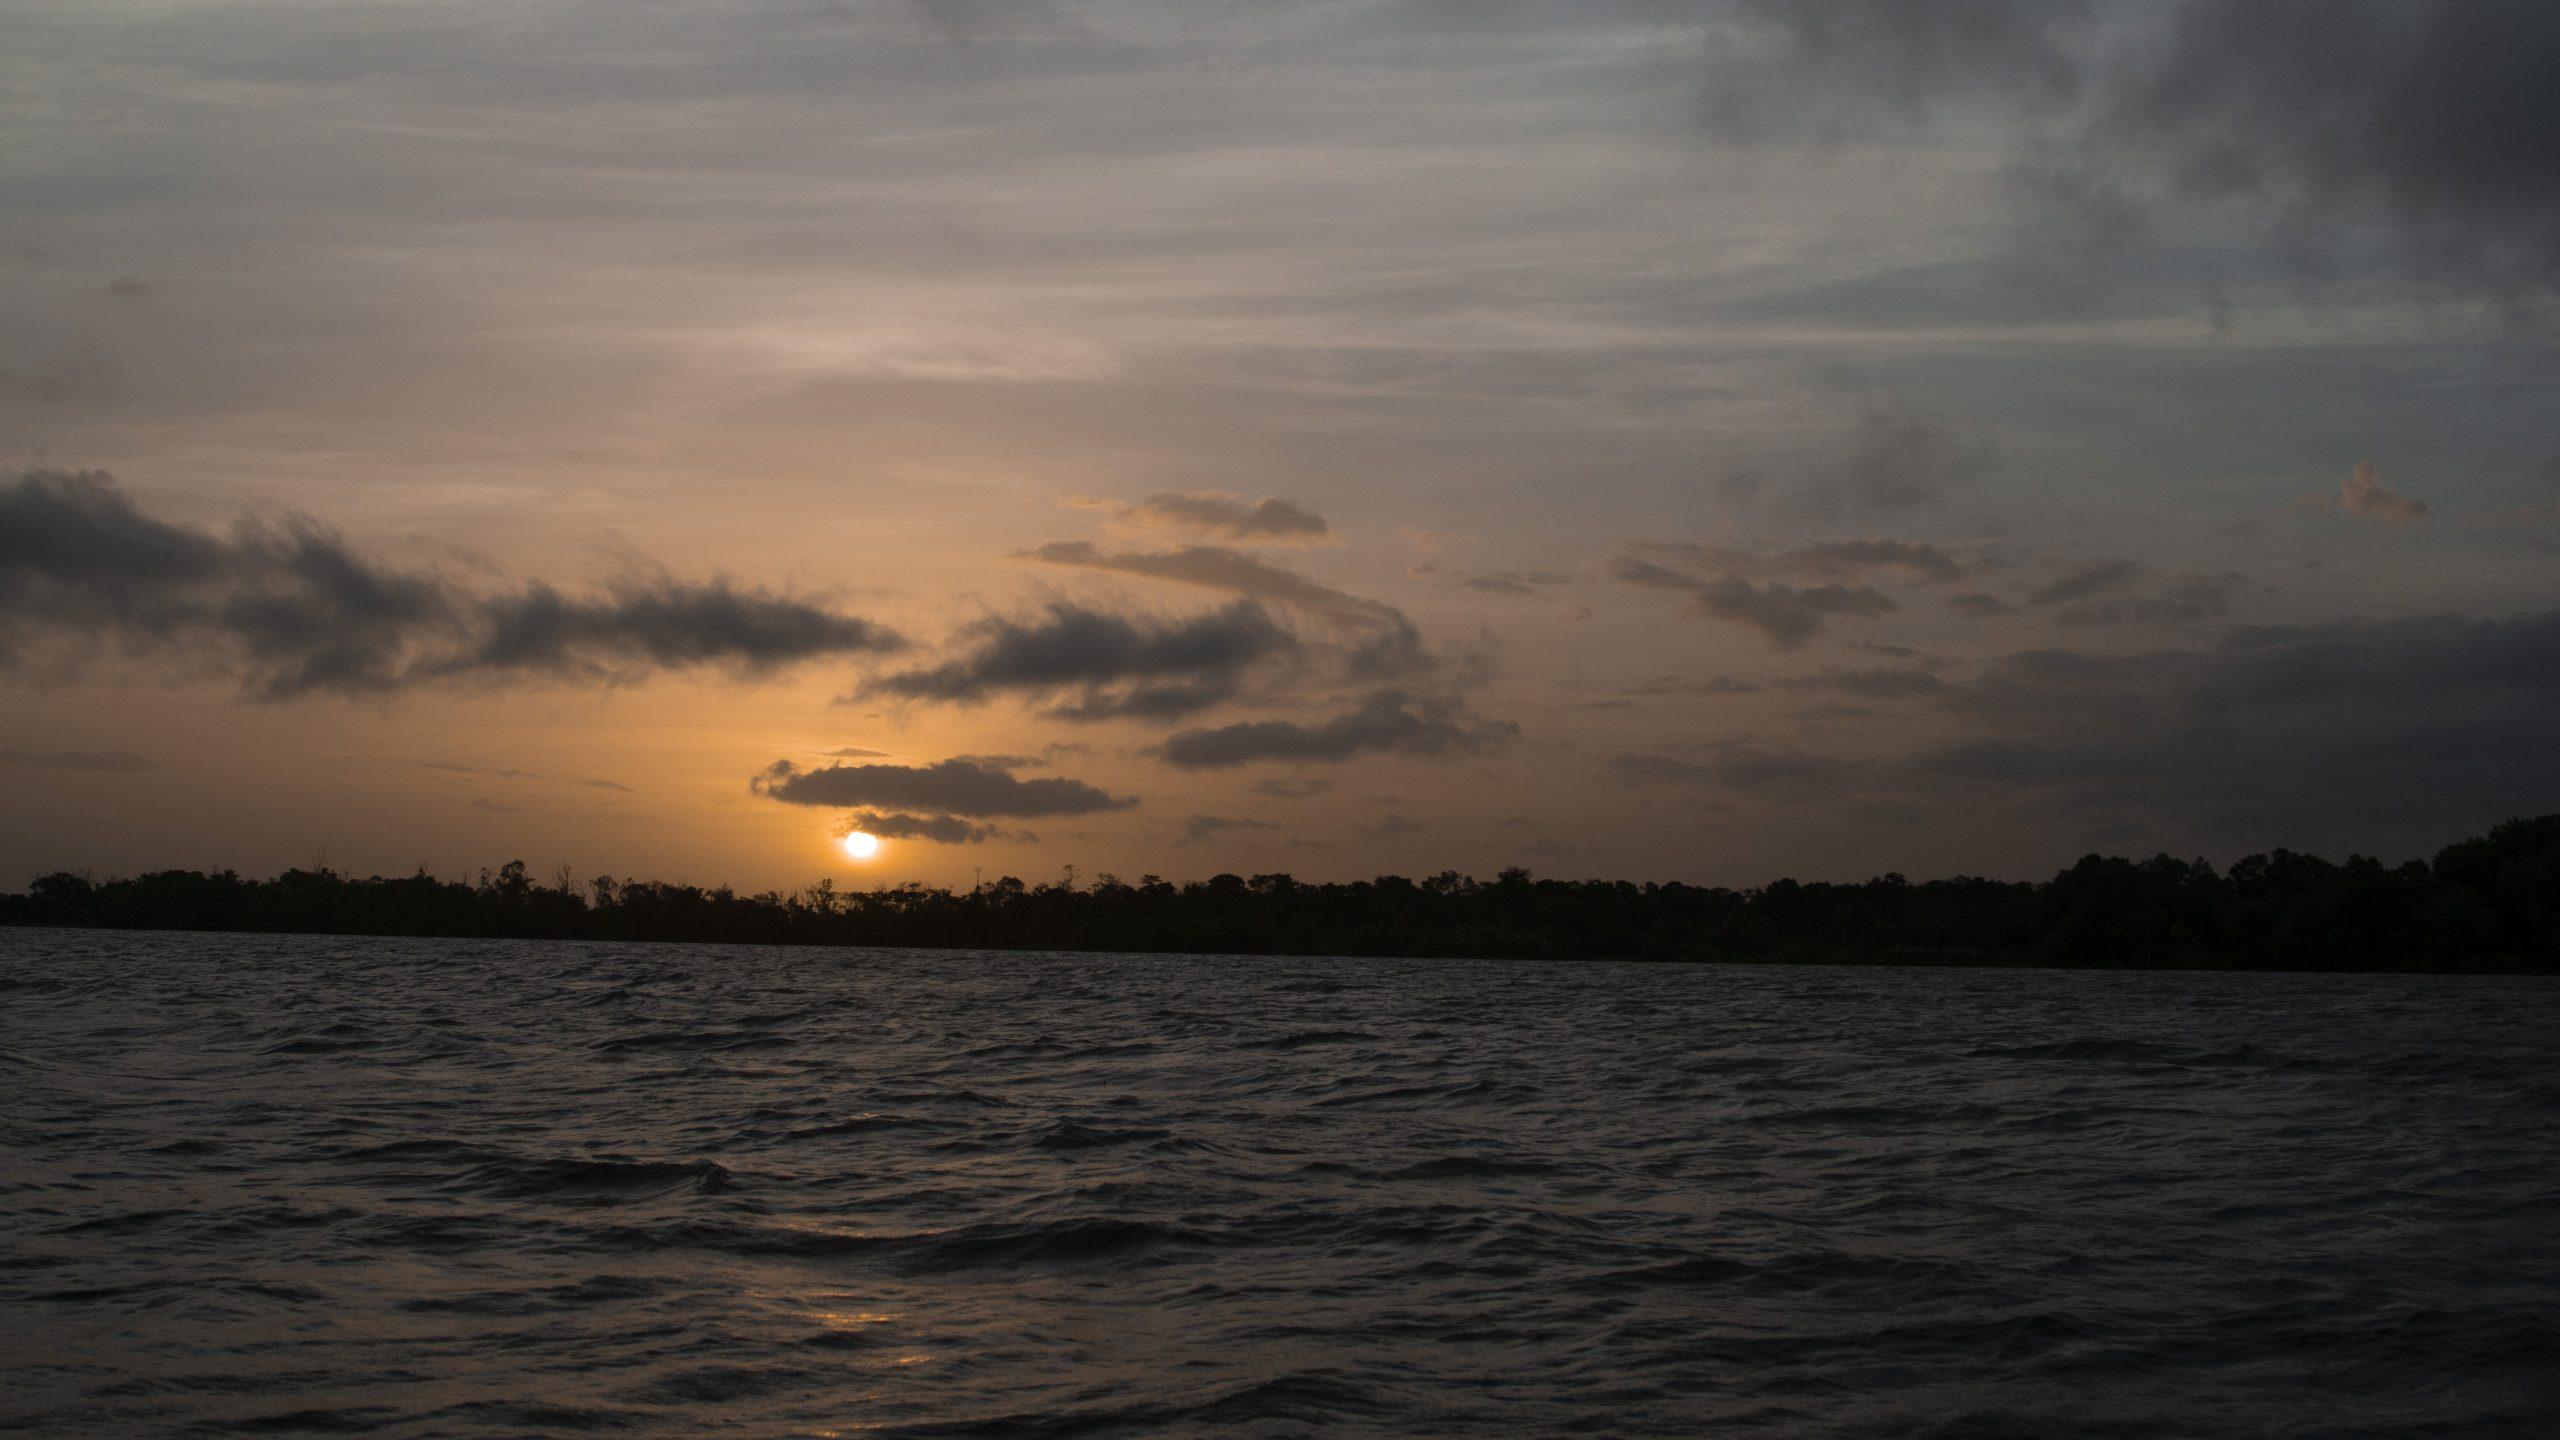 Primer concurso de fotografía: Biodiversidad, Parque Nacional Río Dulce